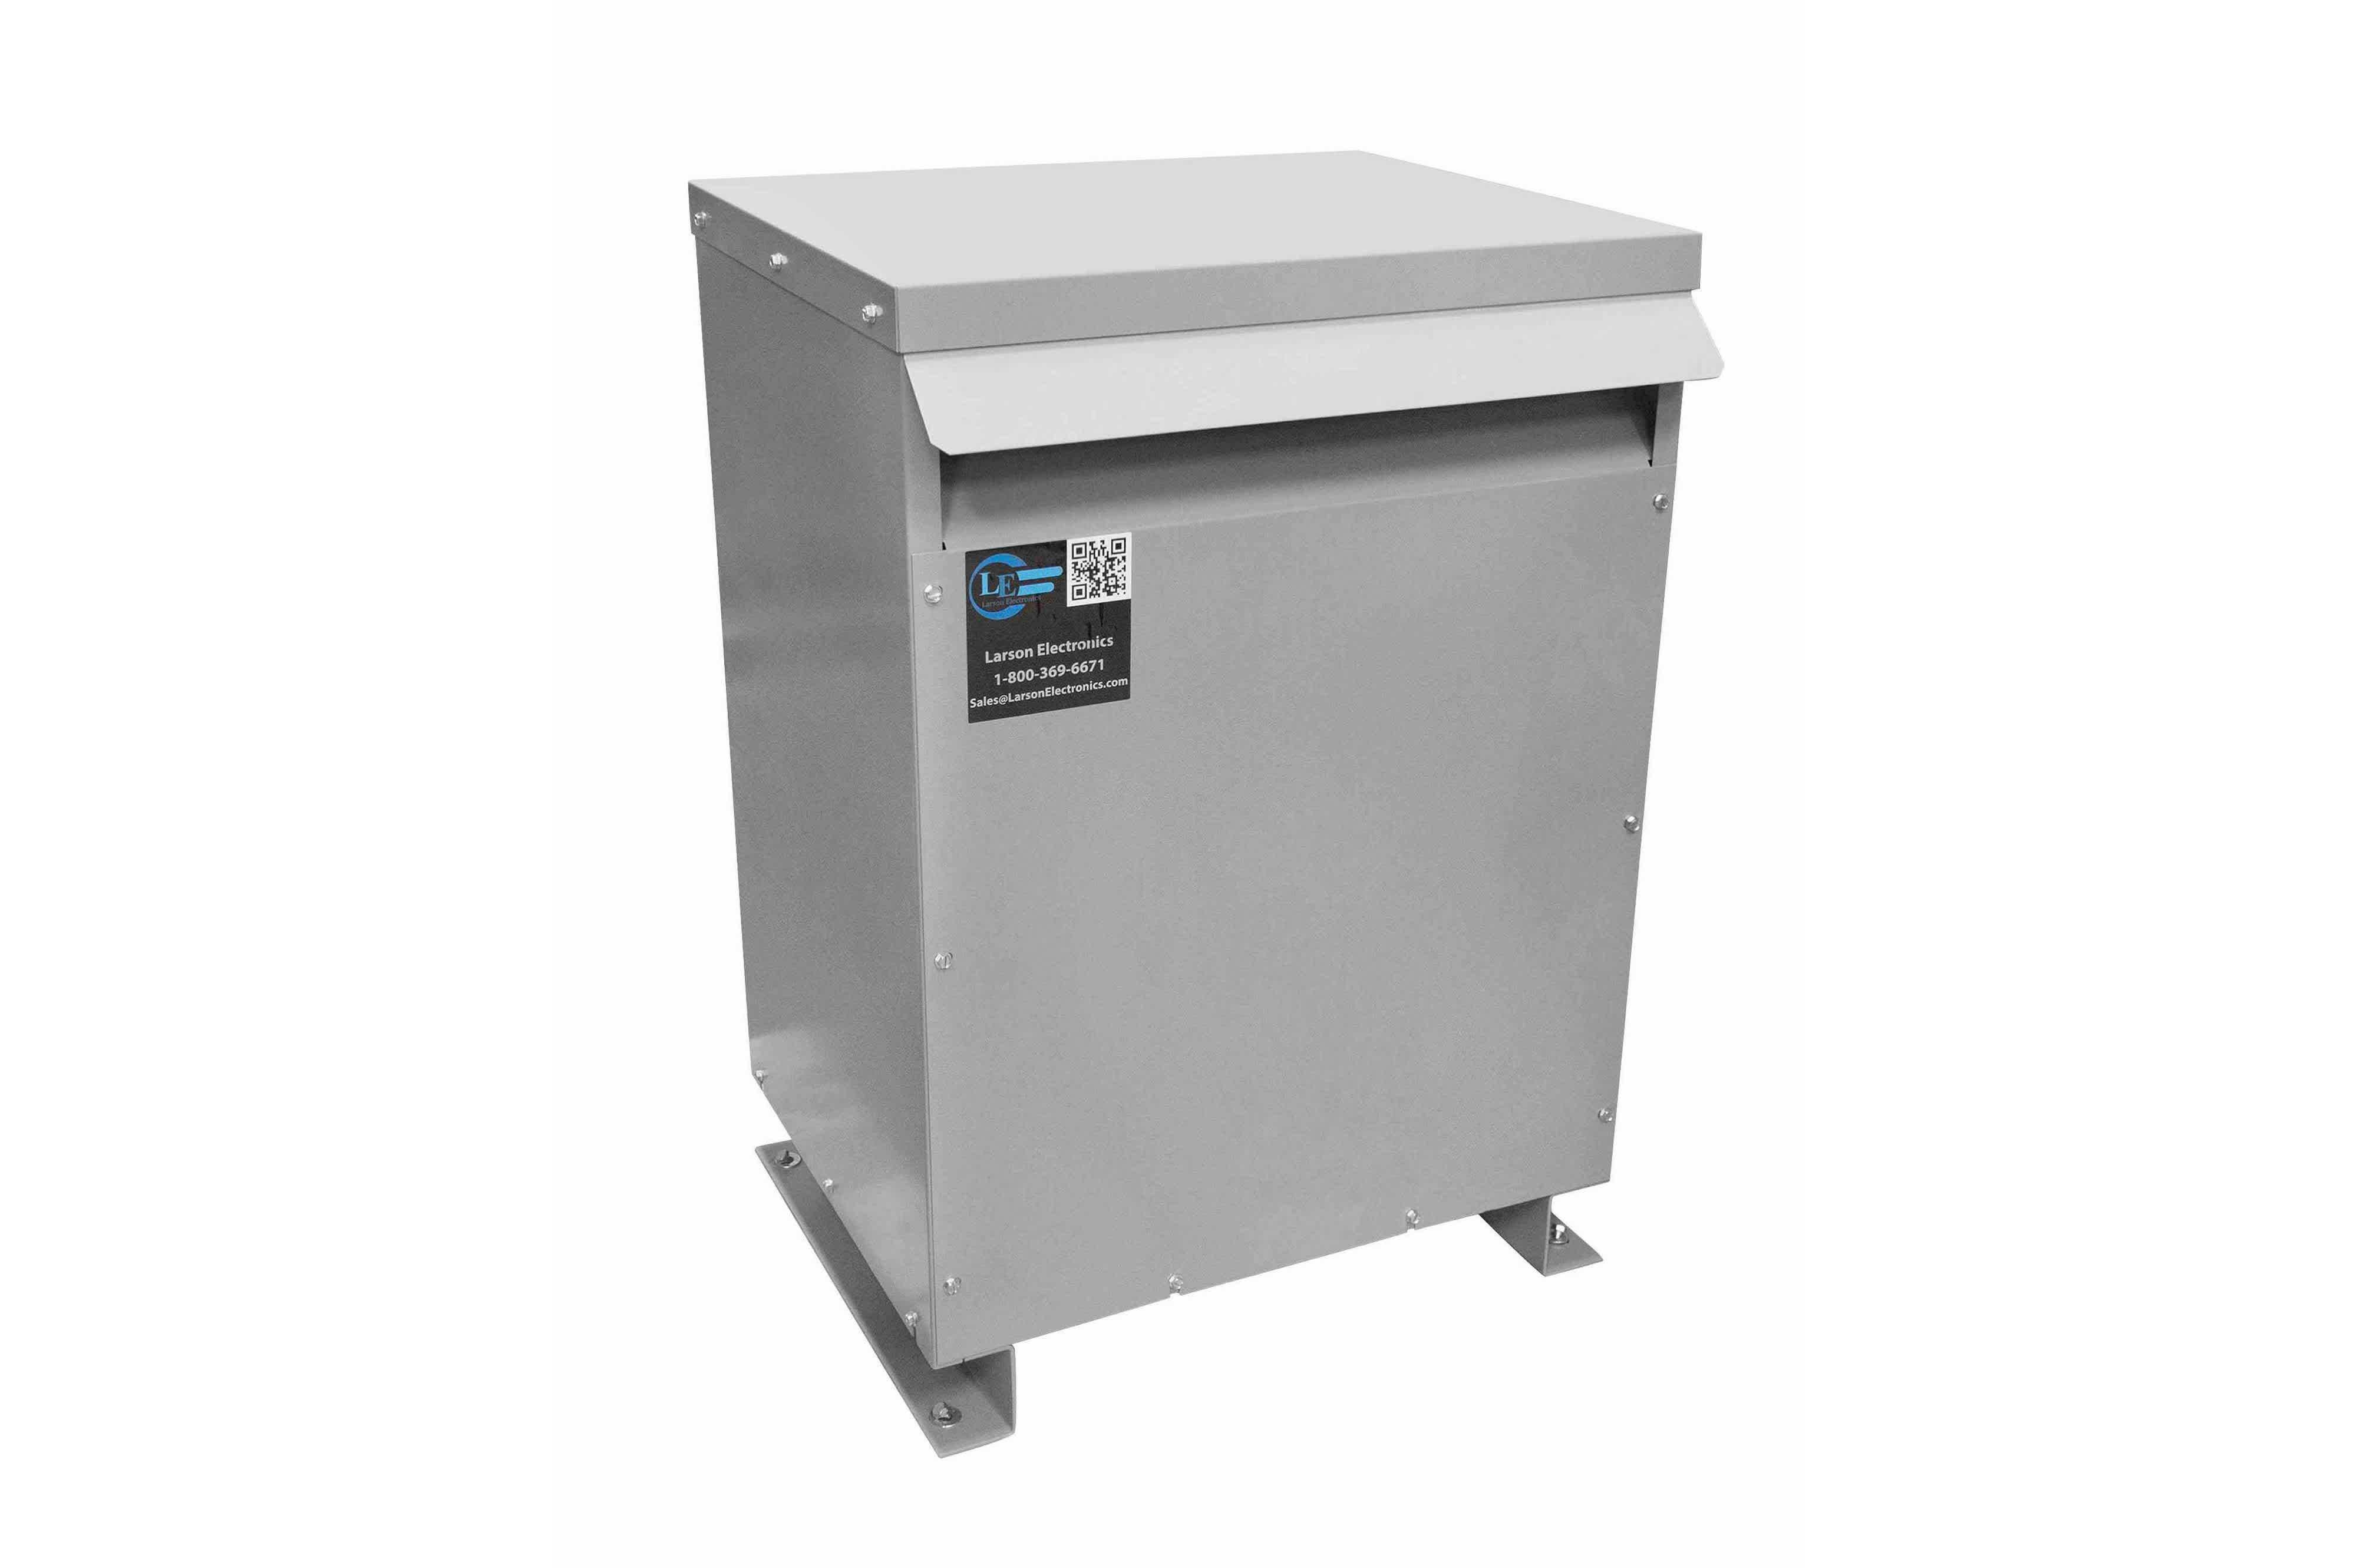 1000 kVA 3PH Isolation Transformer, 240V Delta Primary, 380V Delta Secondary, N3R, Ventilated, 60 Hz